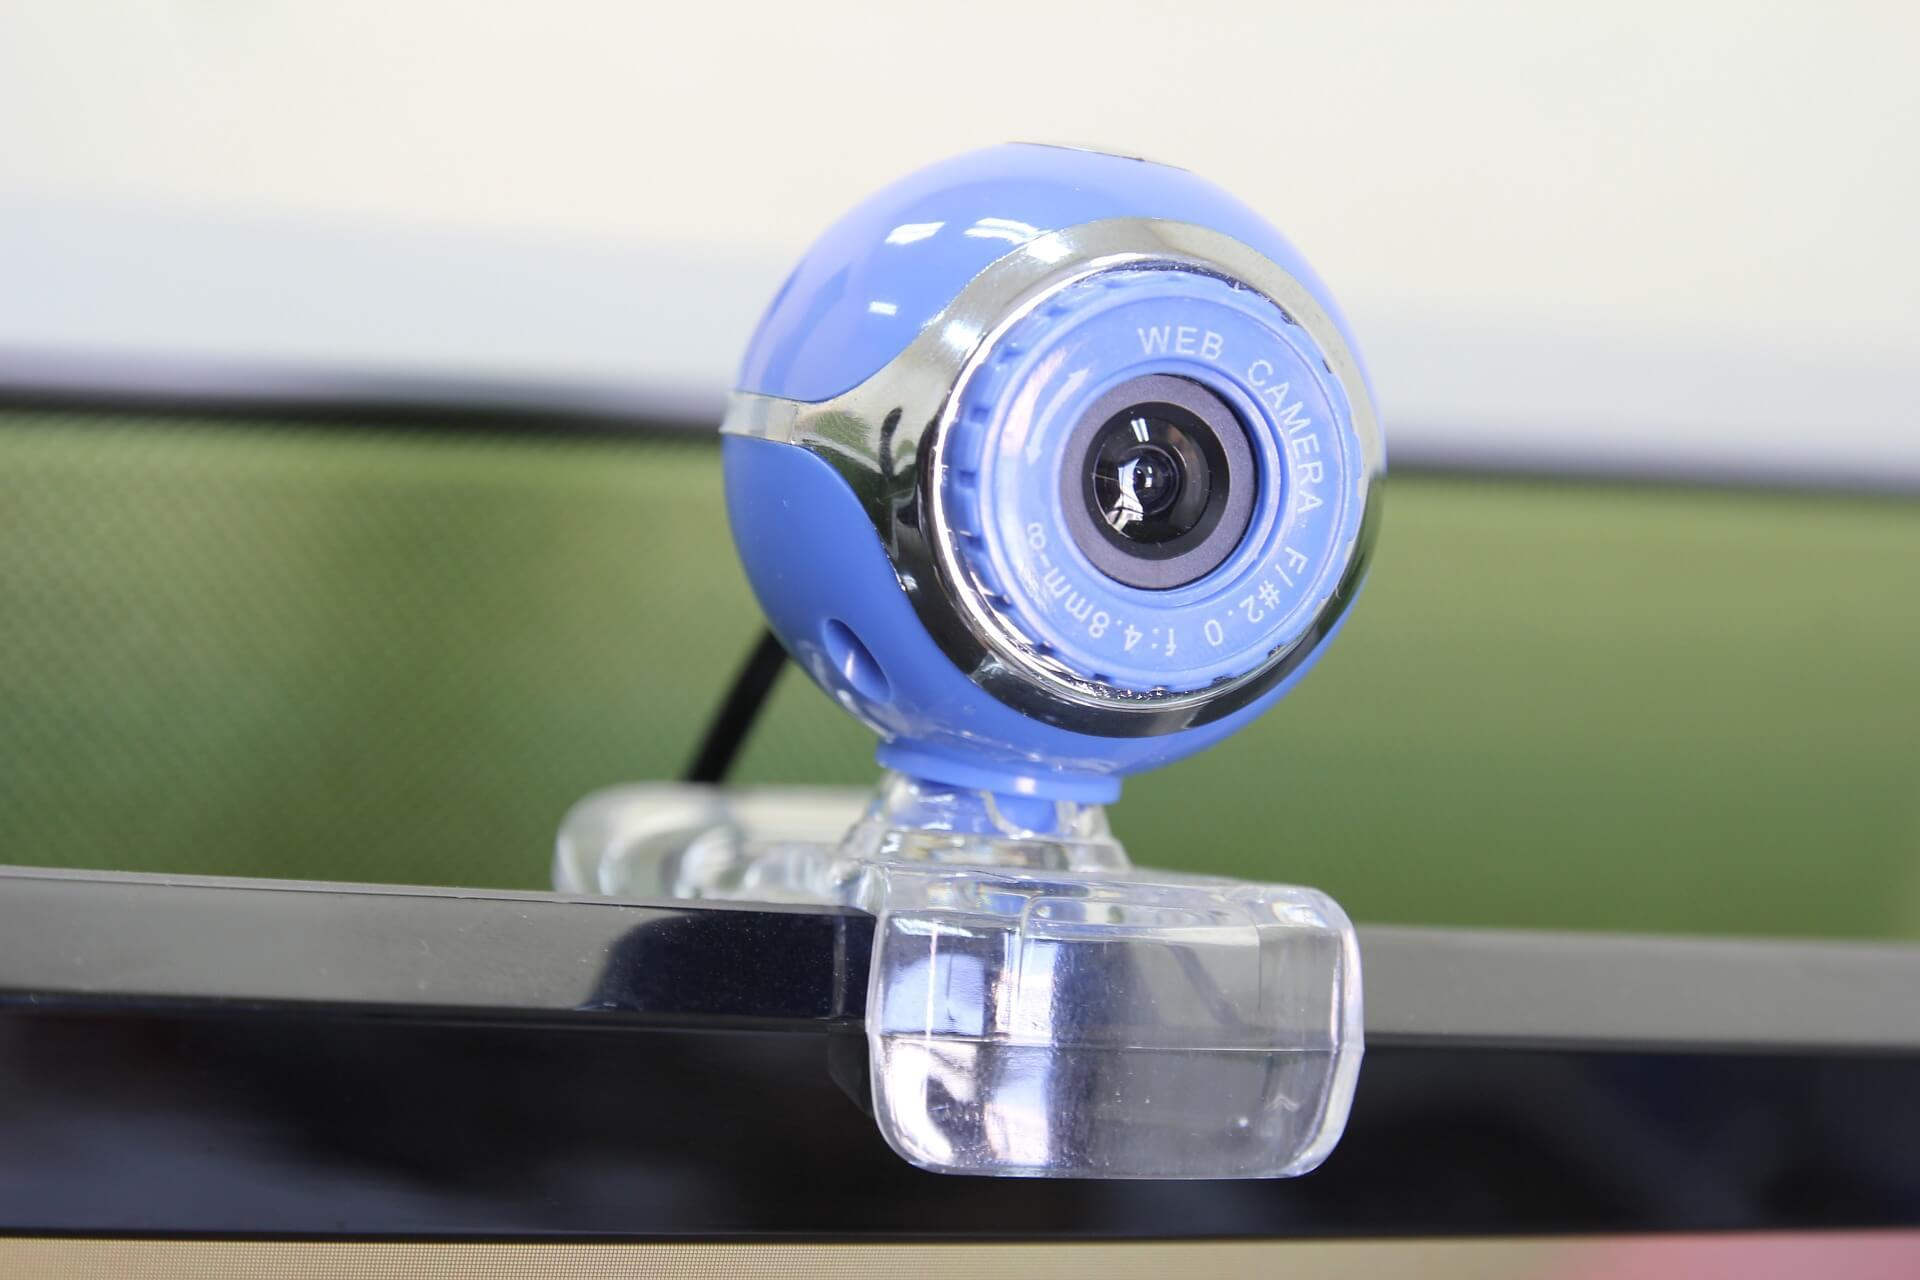 web-cam-796227_1920